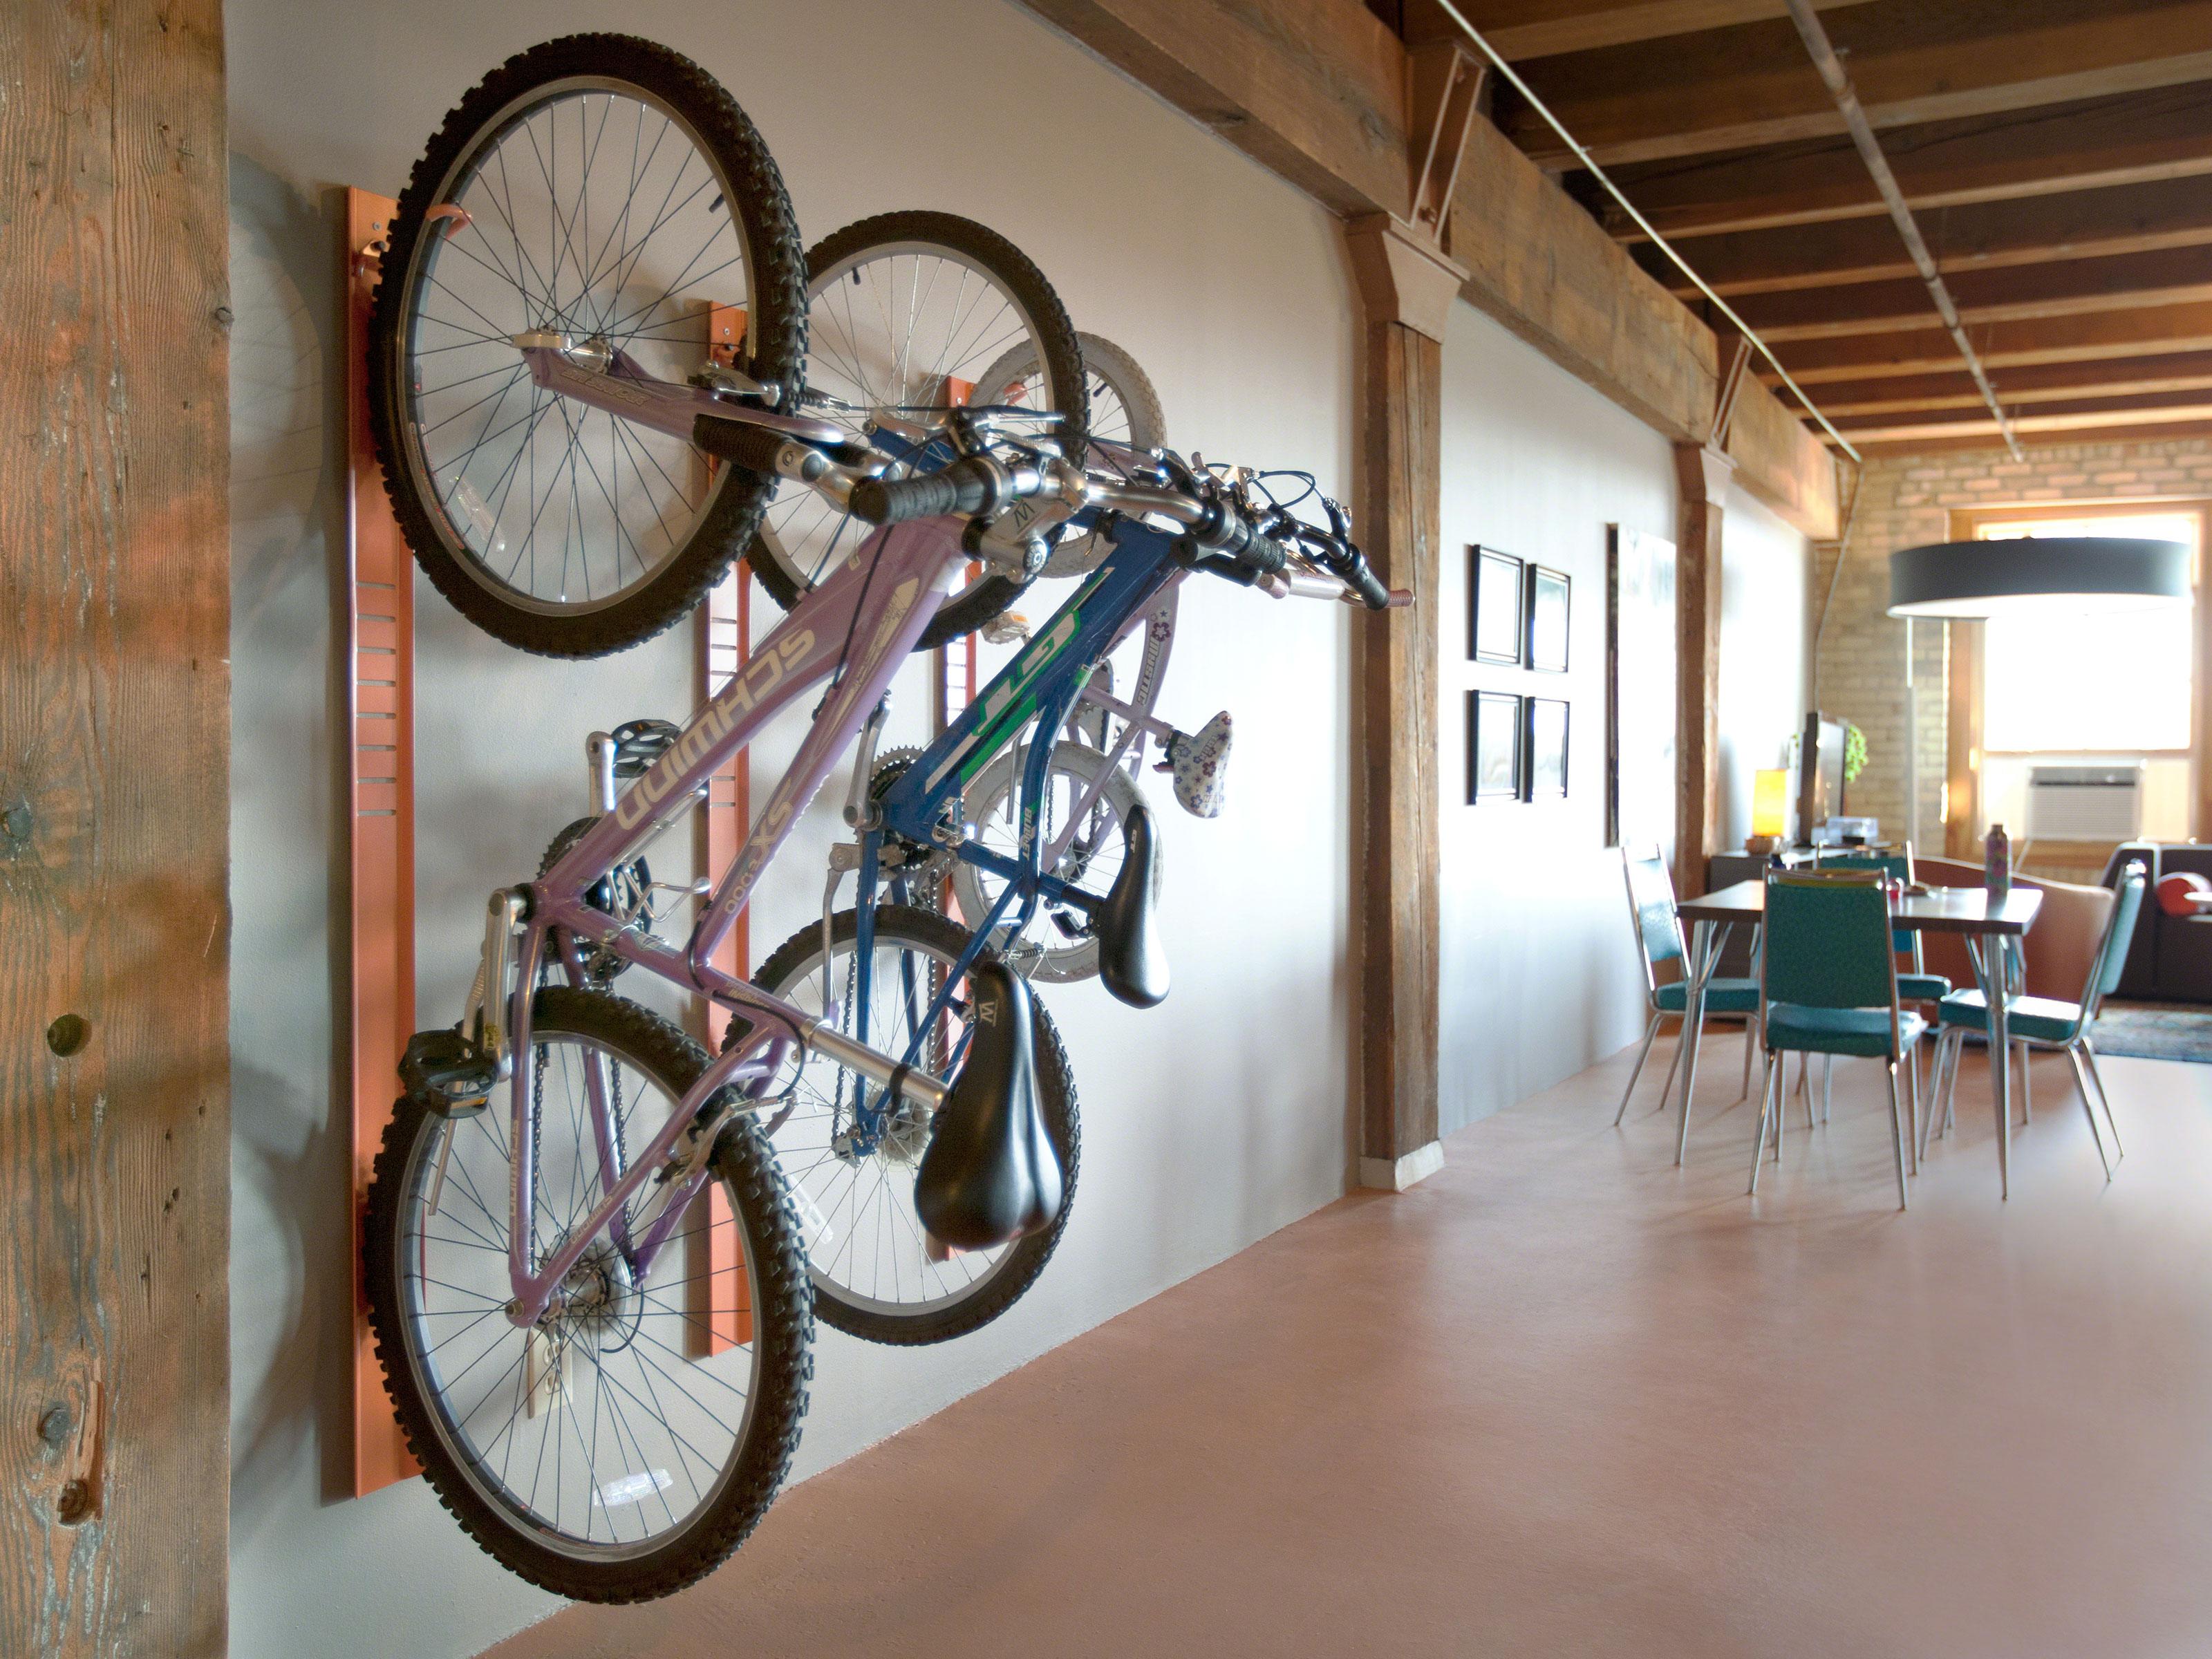 Пора подумать, где хранить велосипед зимой? - велосипедисты .